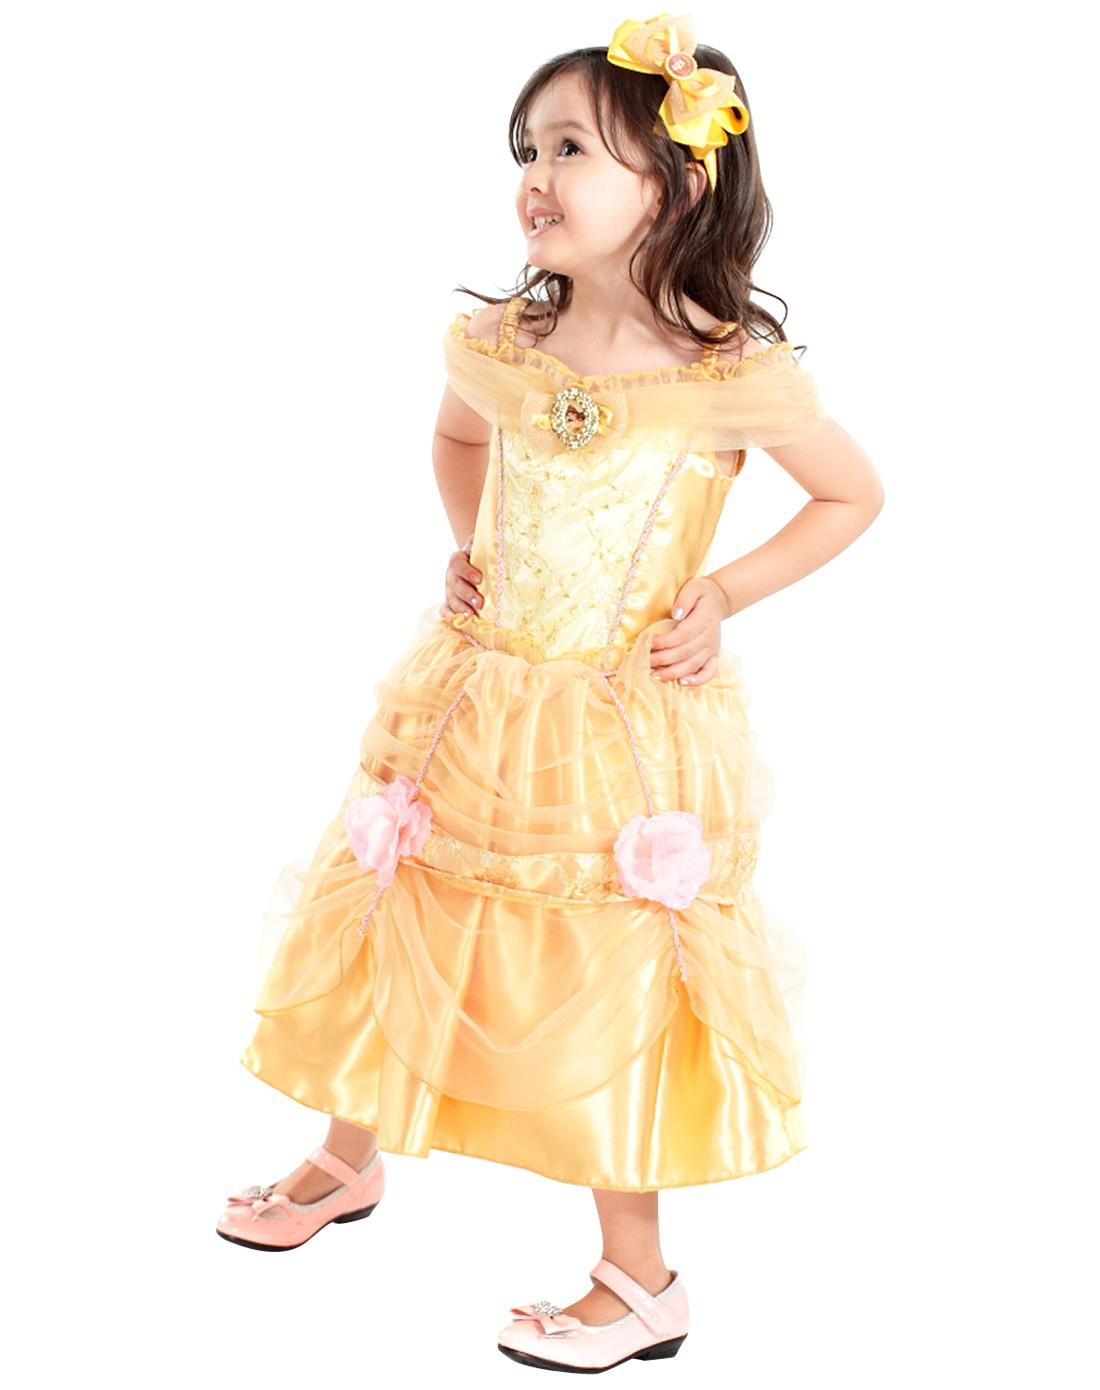 迪士尼炫酷贝尔公主裙